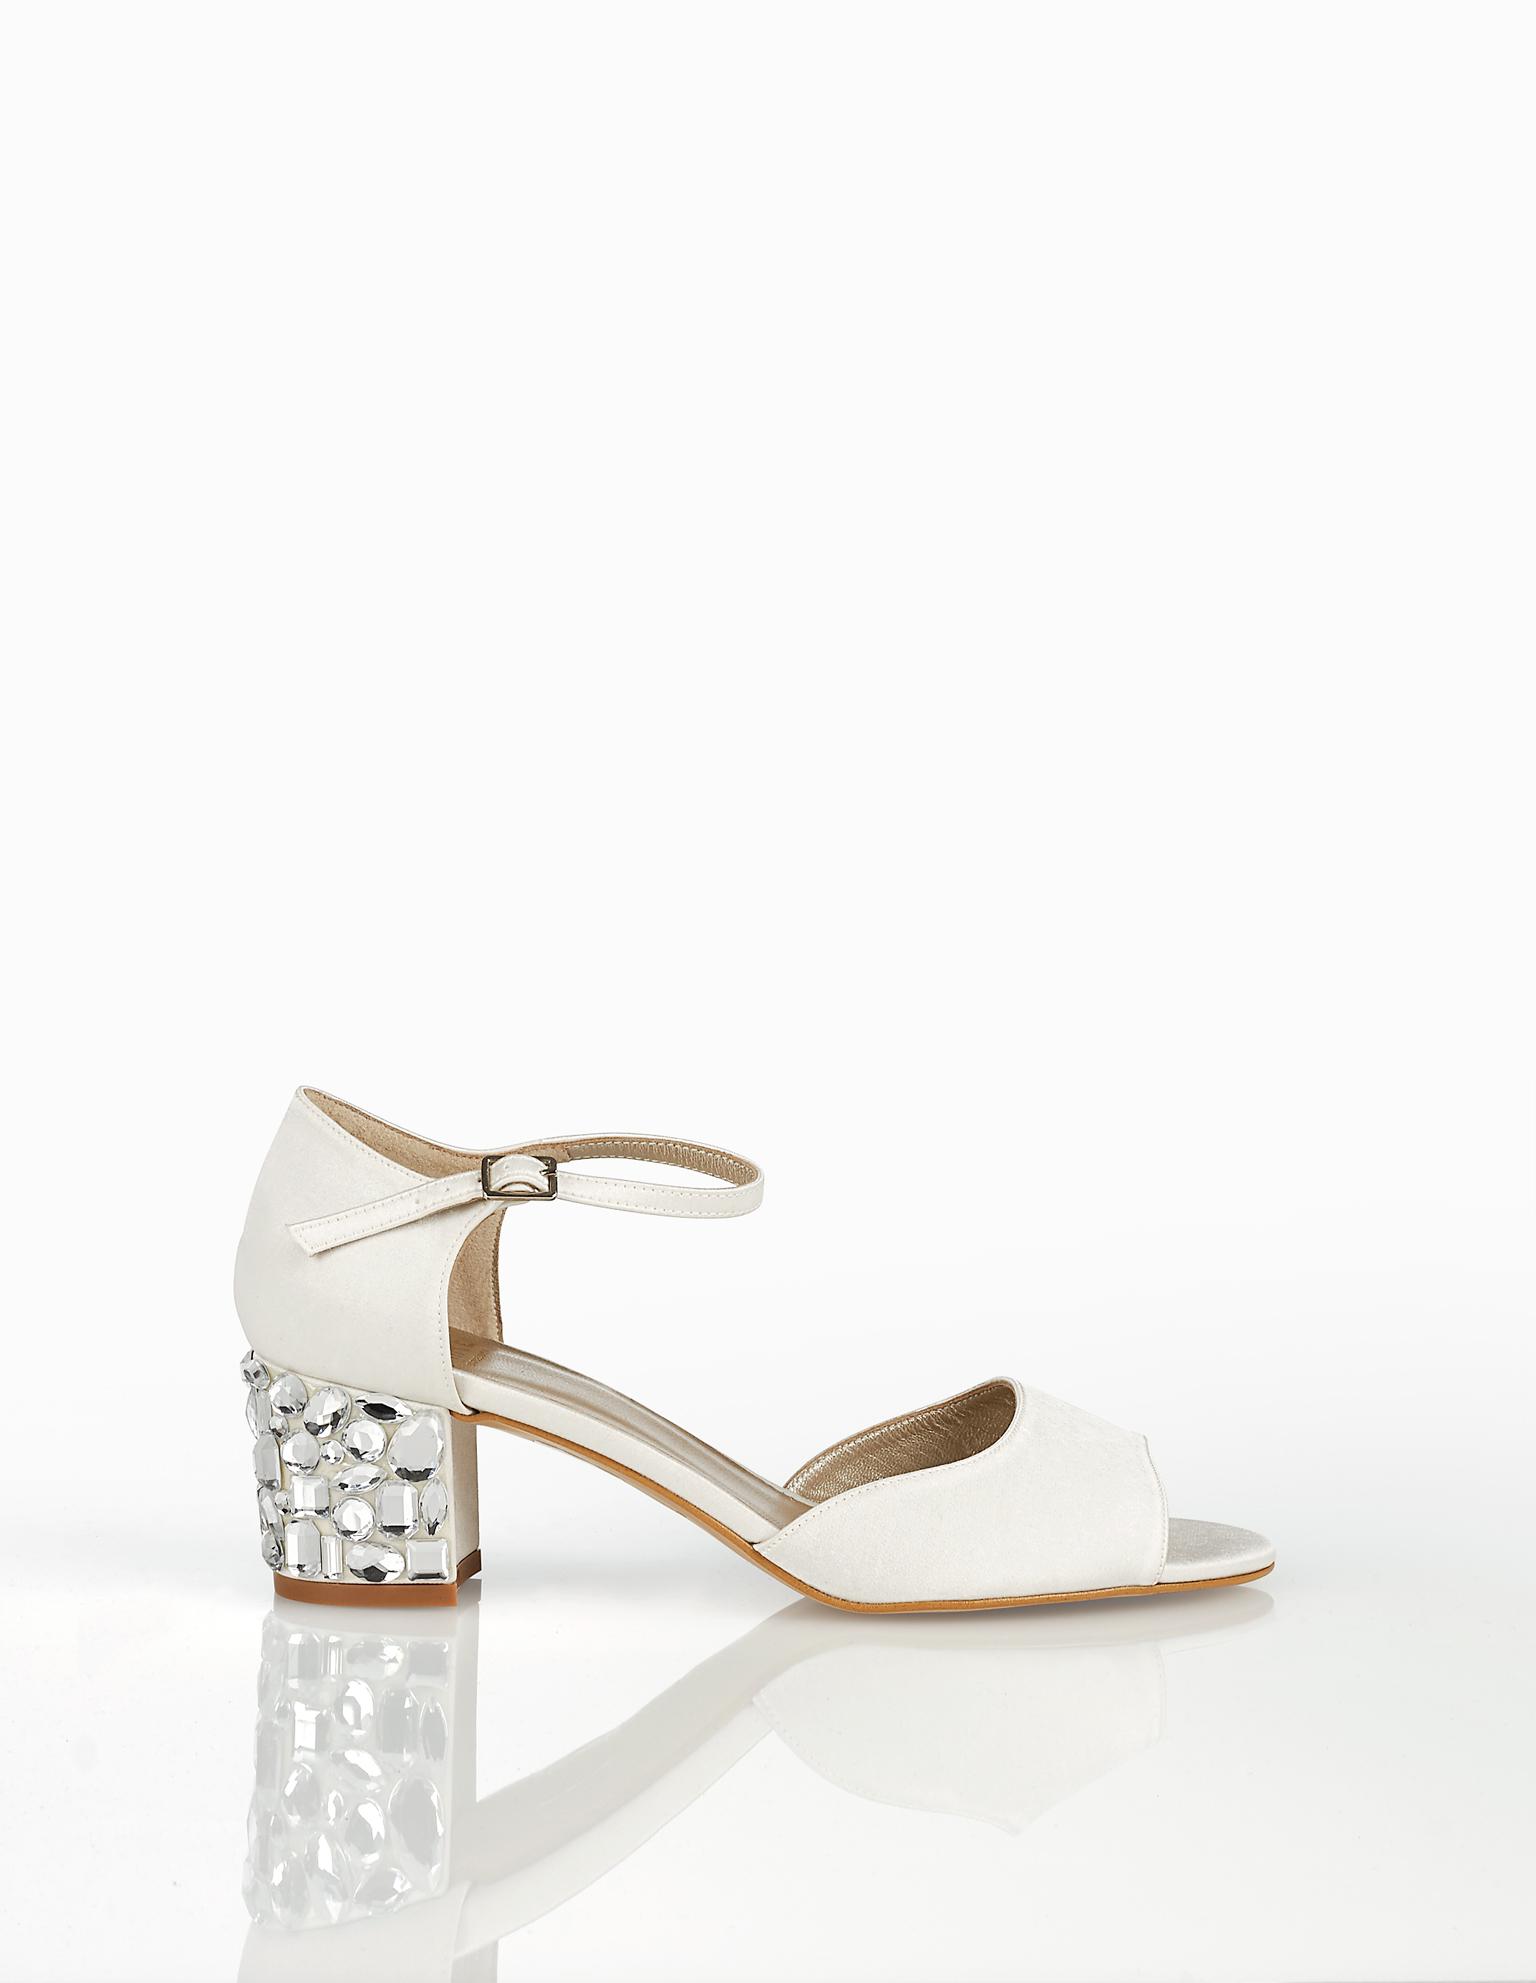 Sandálias de noiva de cetim, com salto baixo de brilhantes. Coleção AIRE BARCELONA 2018.